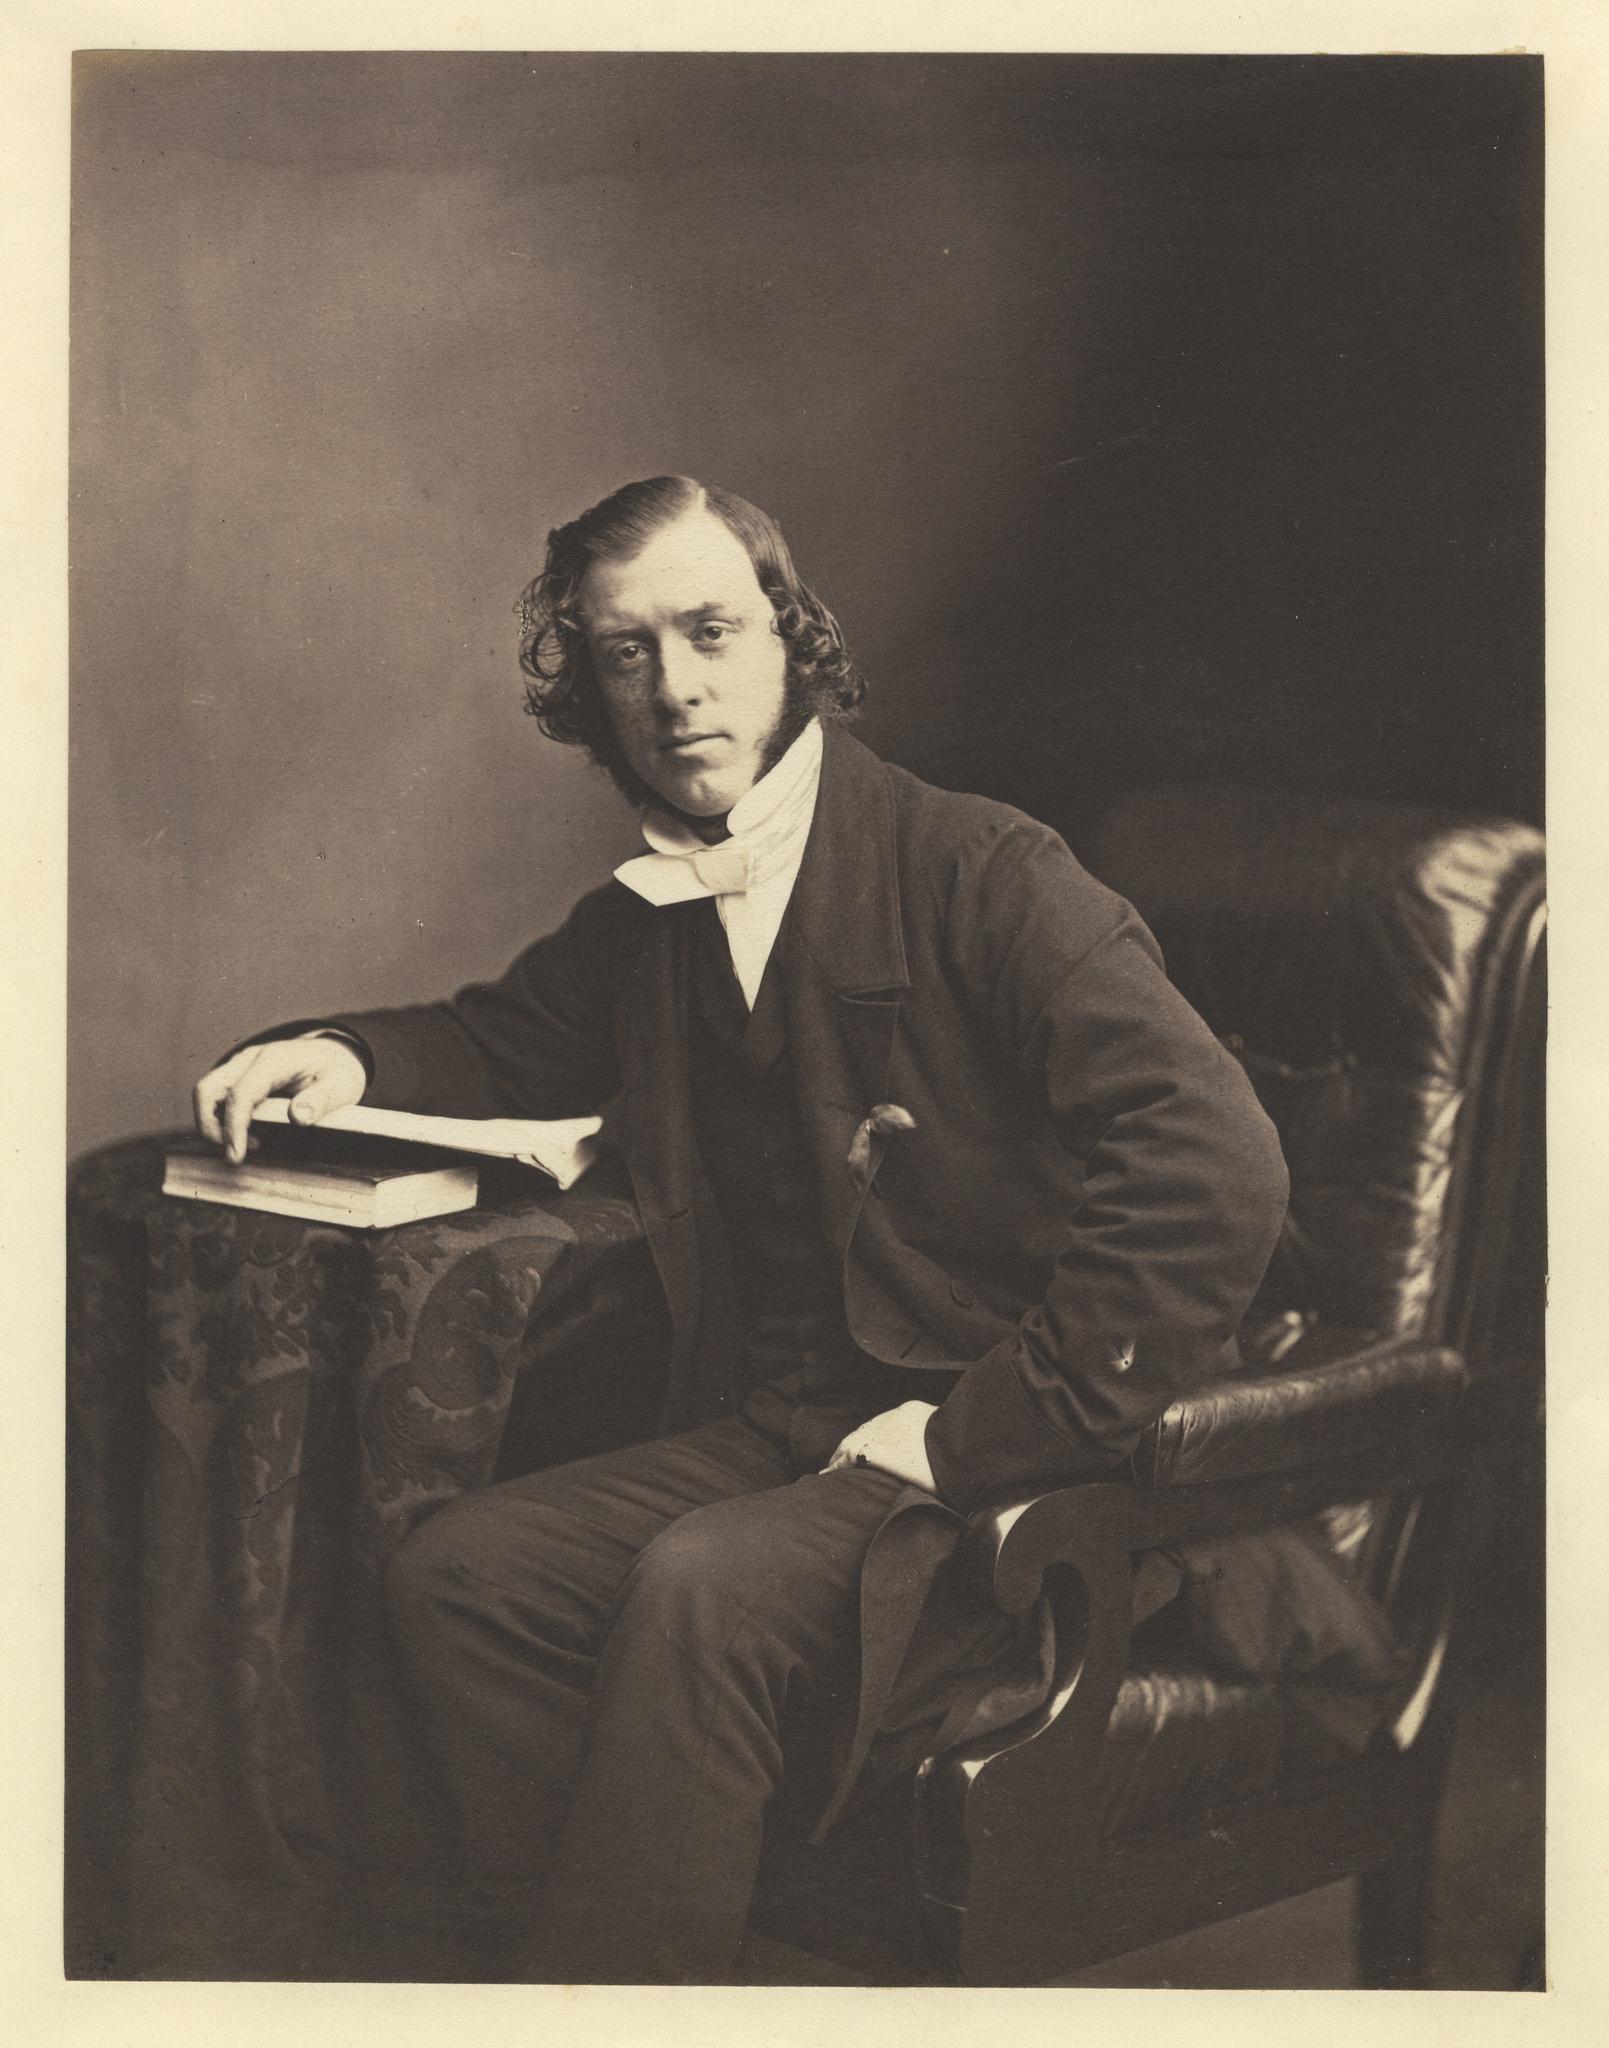 1857. Преподобный доктор Лаллок